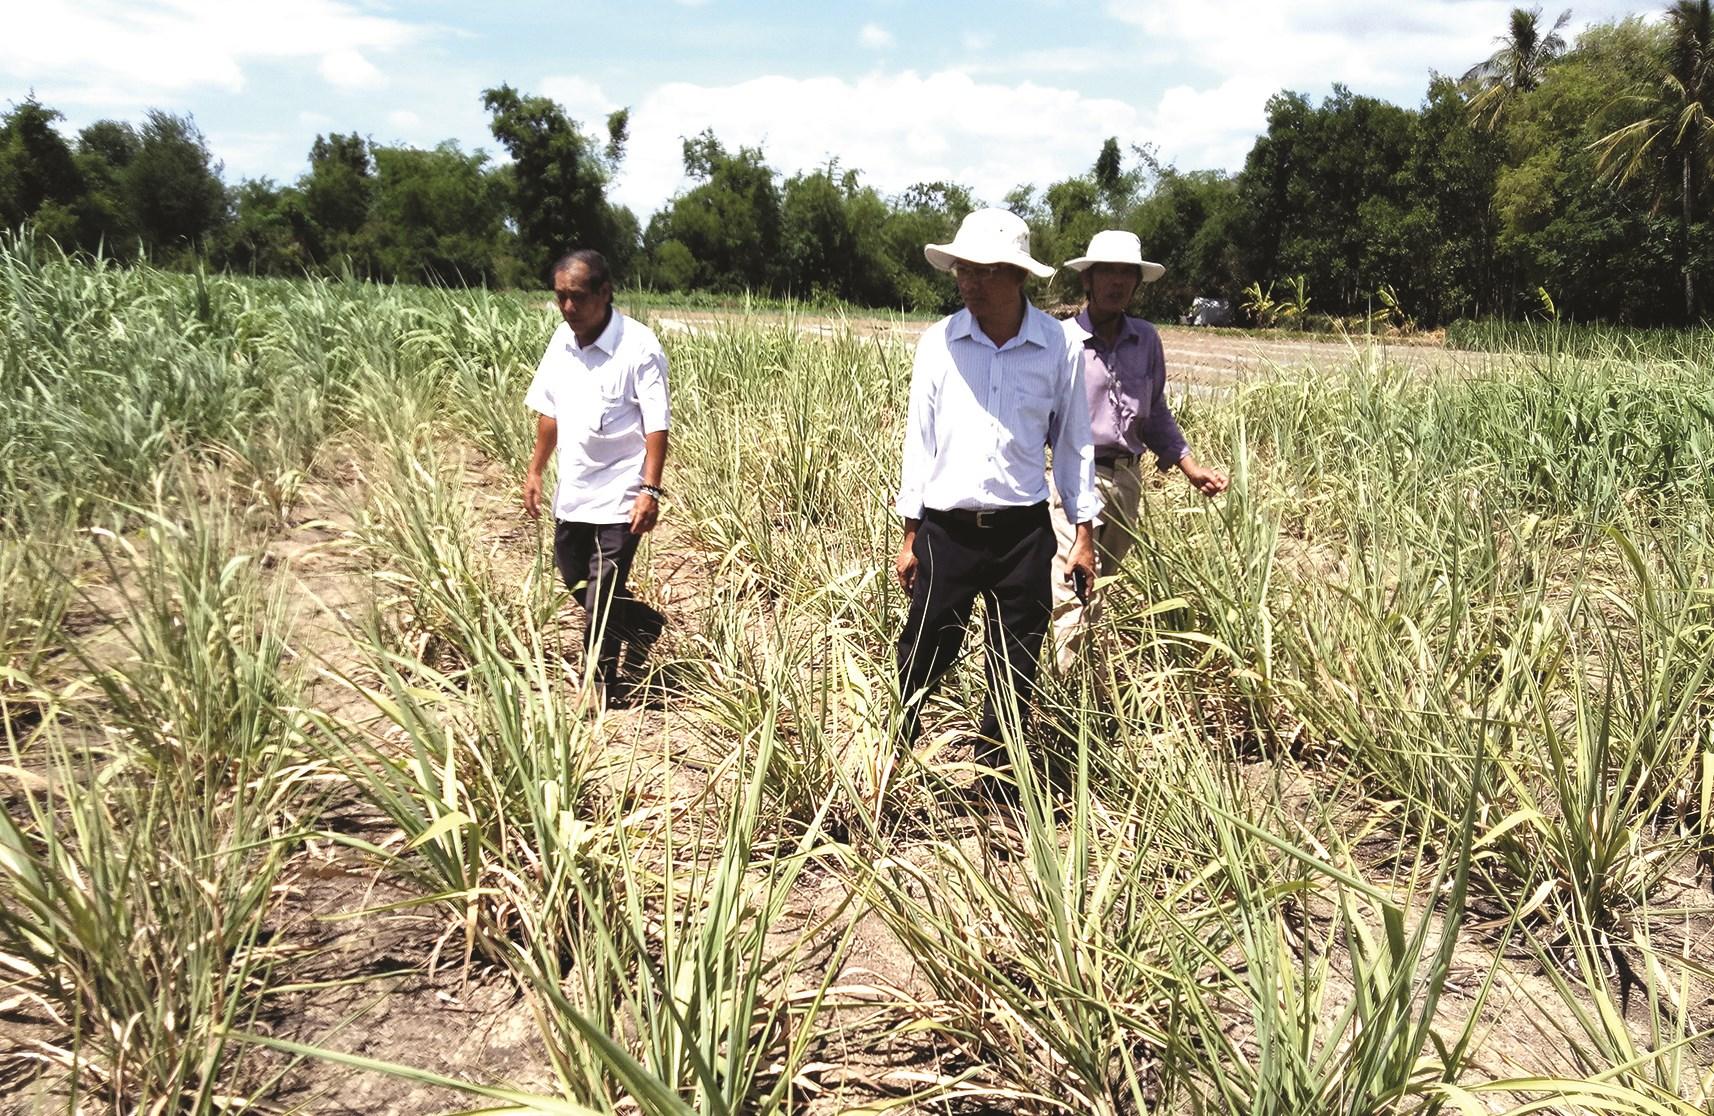 Cán bộ khuyến nông hướng dẫn người dân áp dụng KH-CN vào trồng và xây dựng thương hiệu dứa Đồng Din